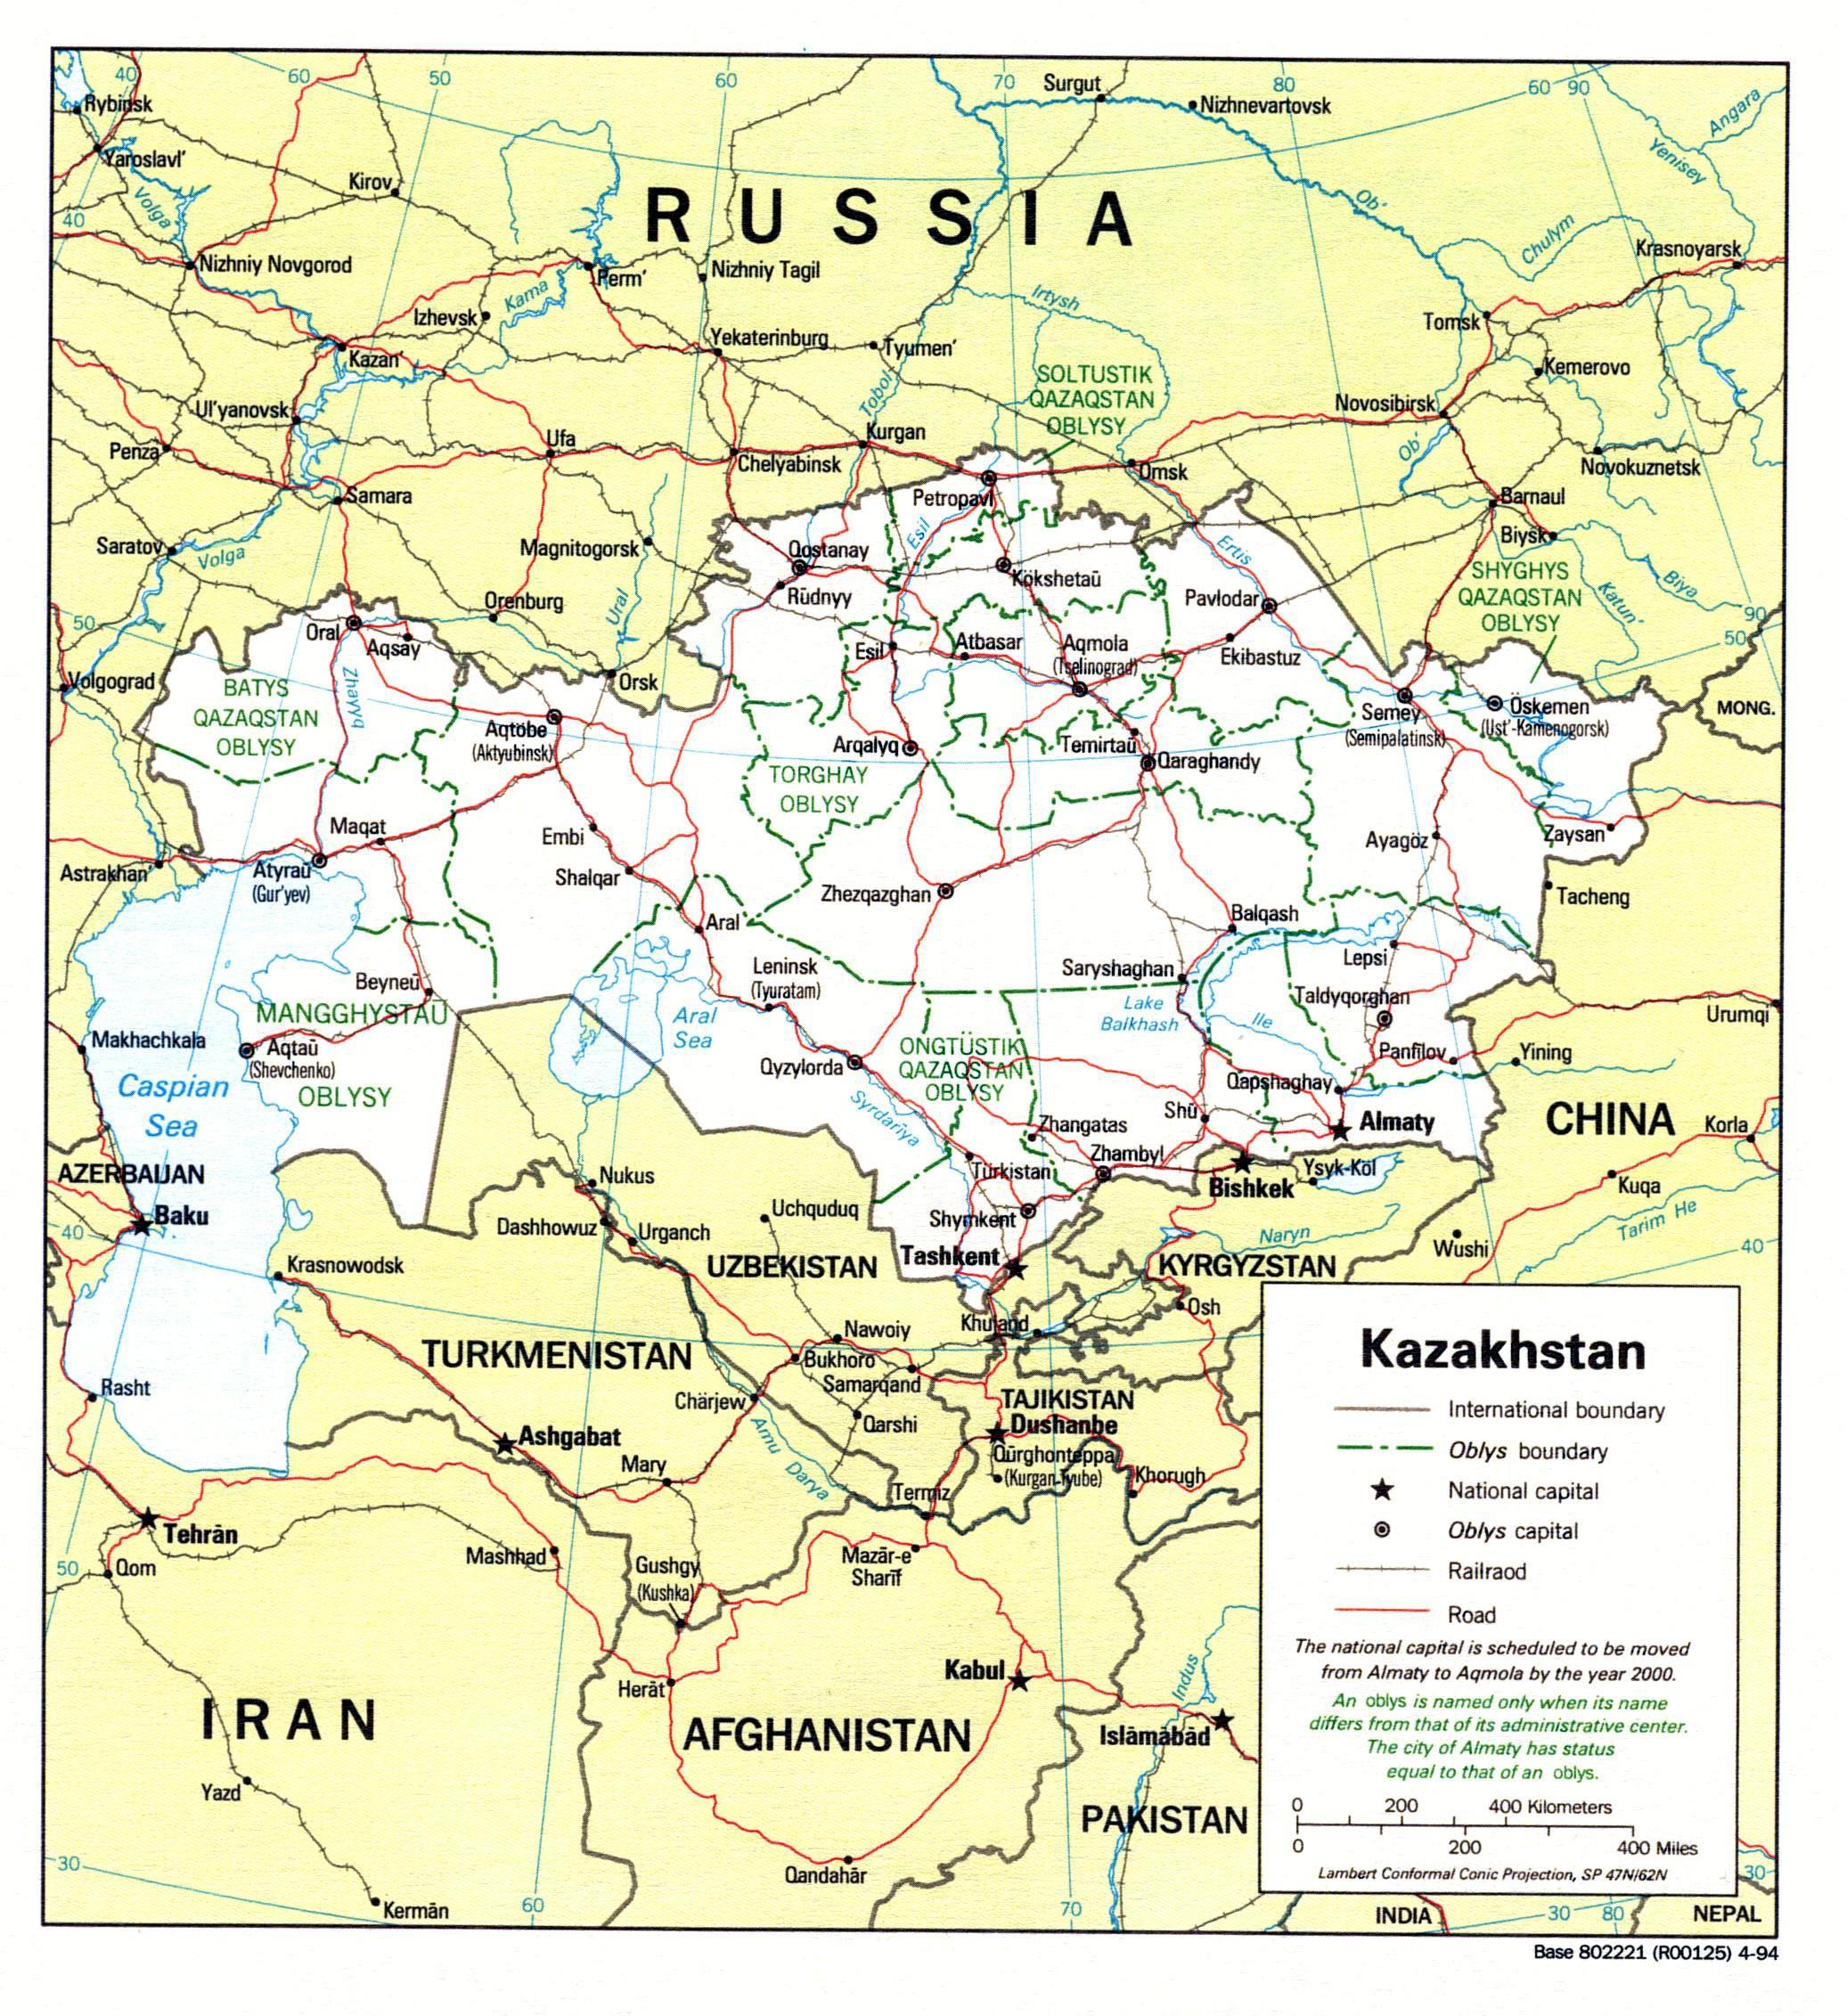 karte kasachstan Karten von Kasachstan | Karten von Kasachstan zum Herunterladen  karte kasachstan